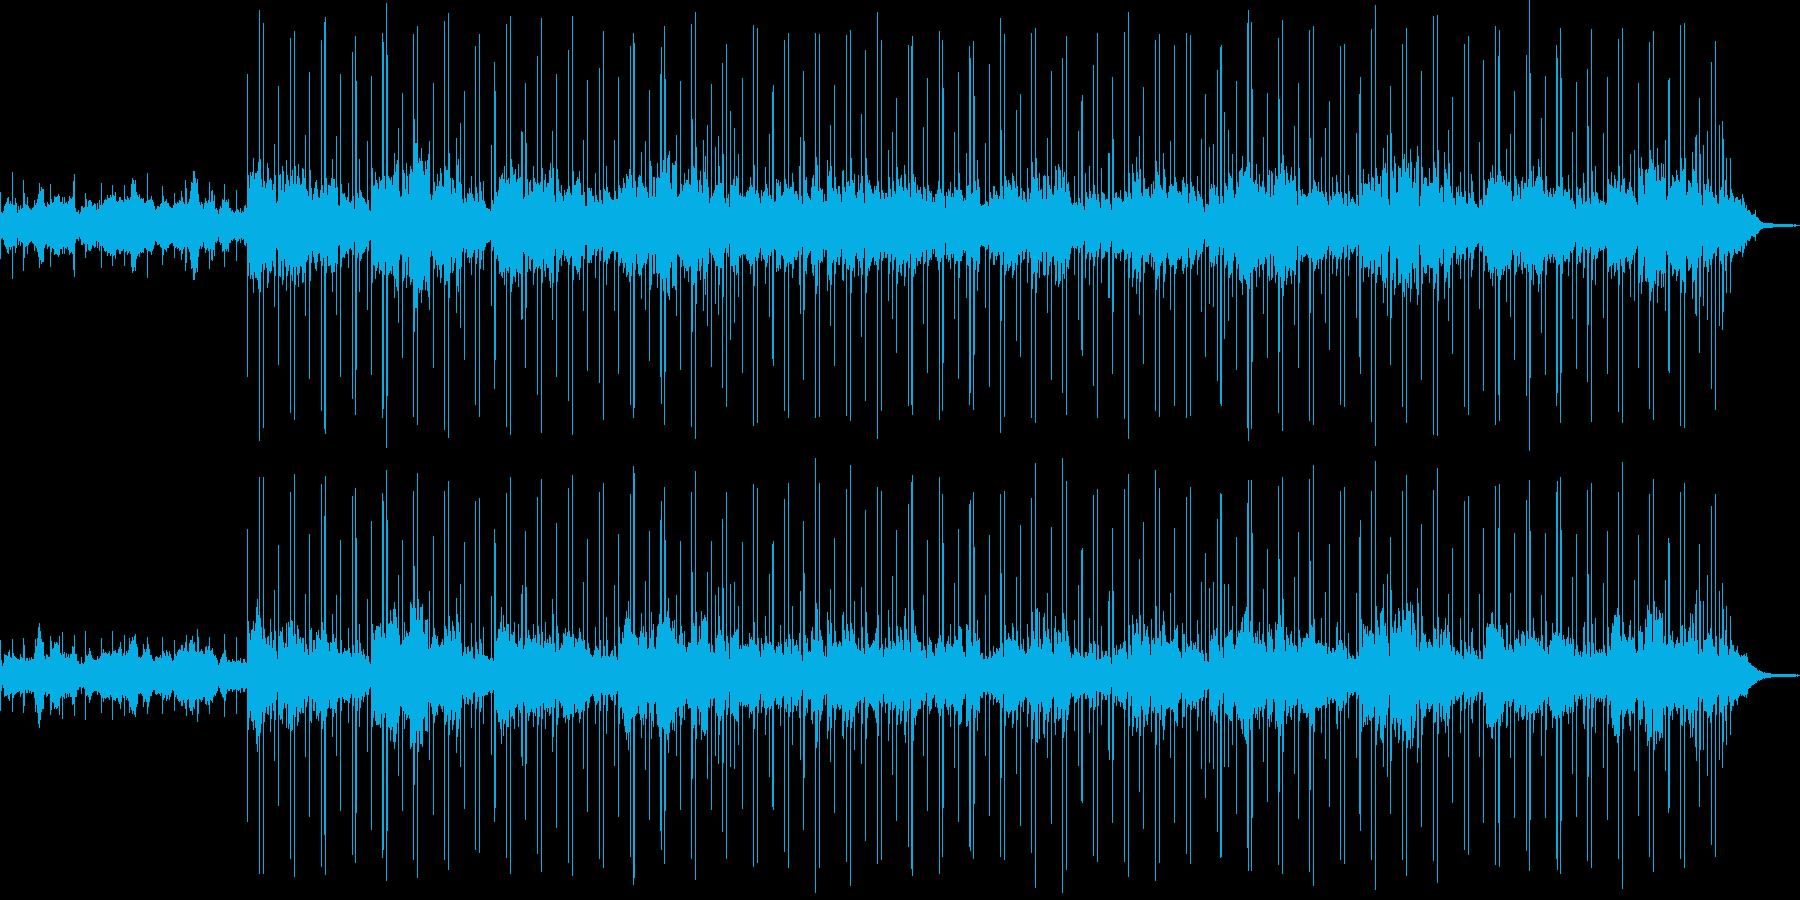 ボサノヴァ調 スローな曲 の再生済みの波形